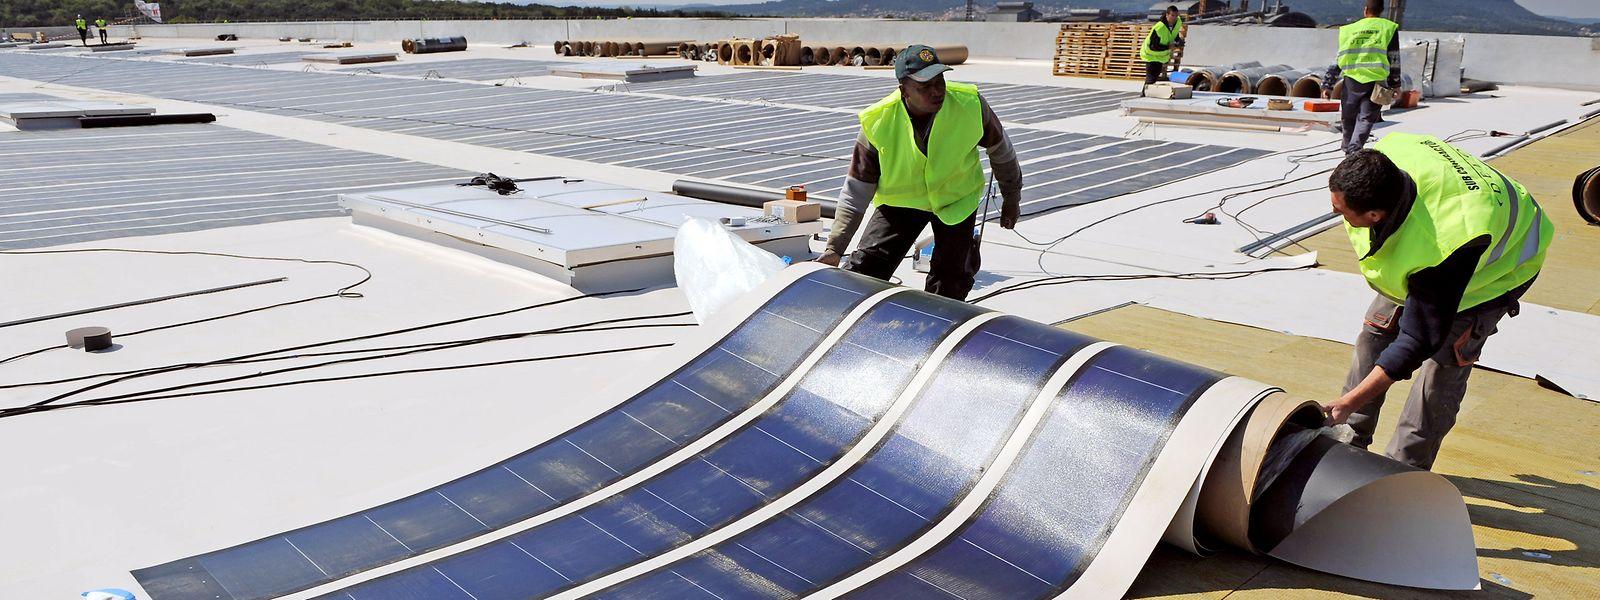 Les technologies proposent plus de modèles de panneaux solaires et surtout de meilleures performances.